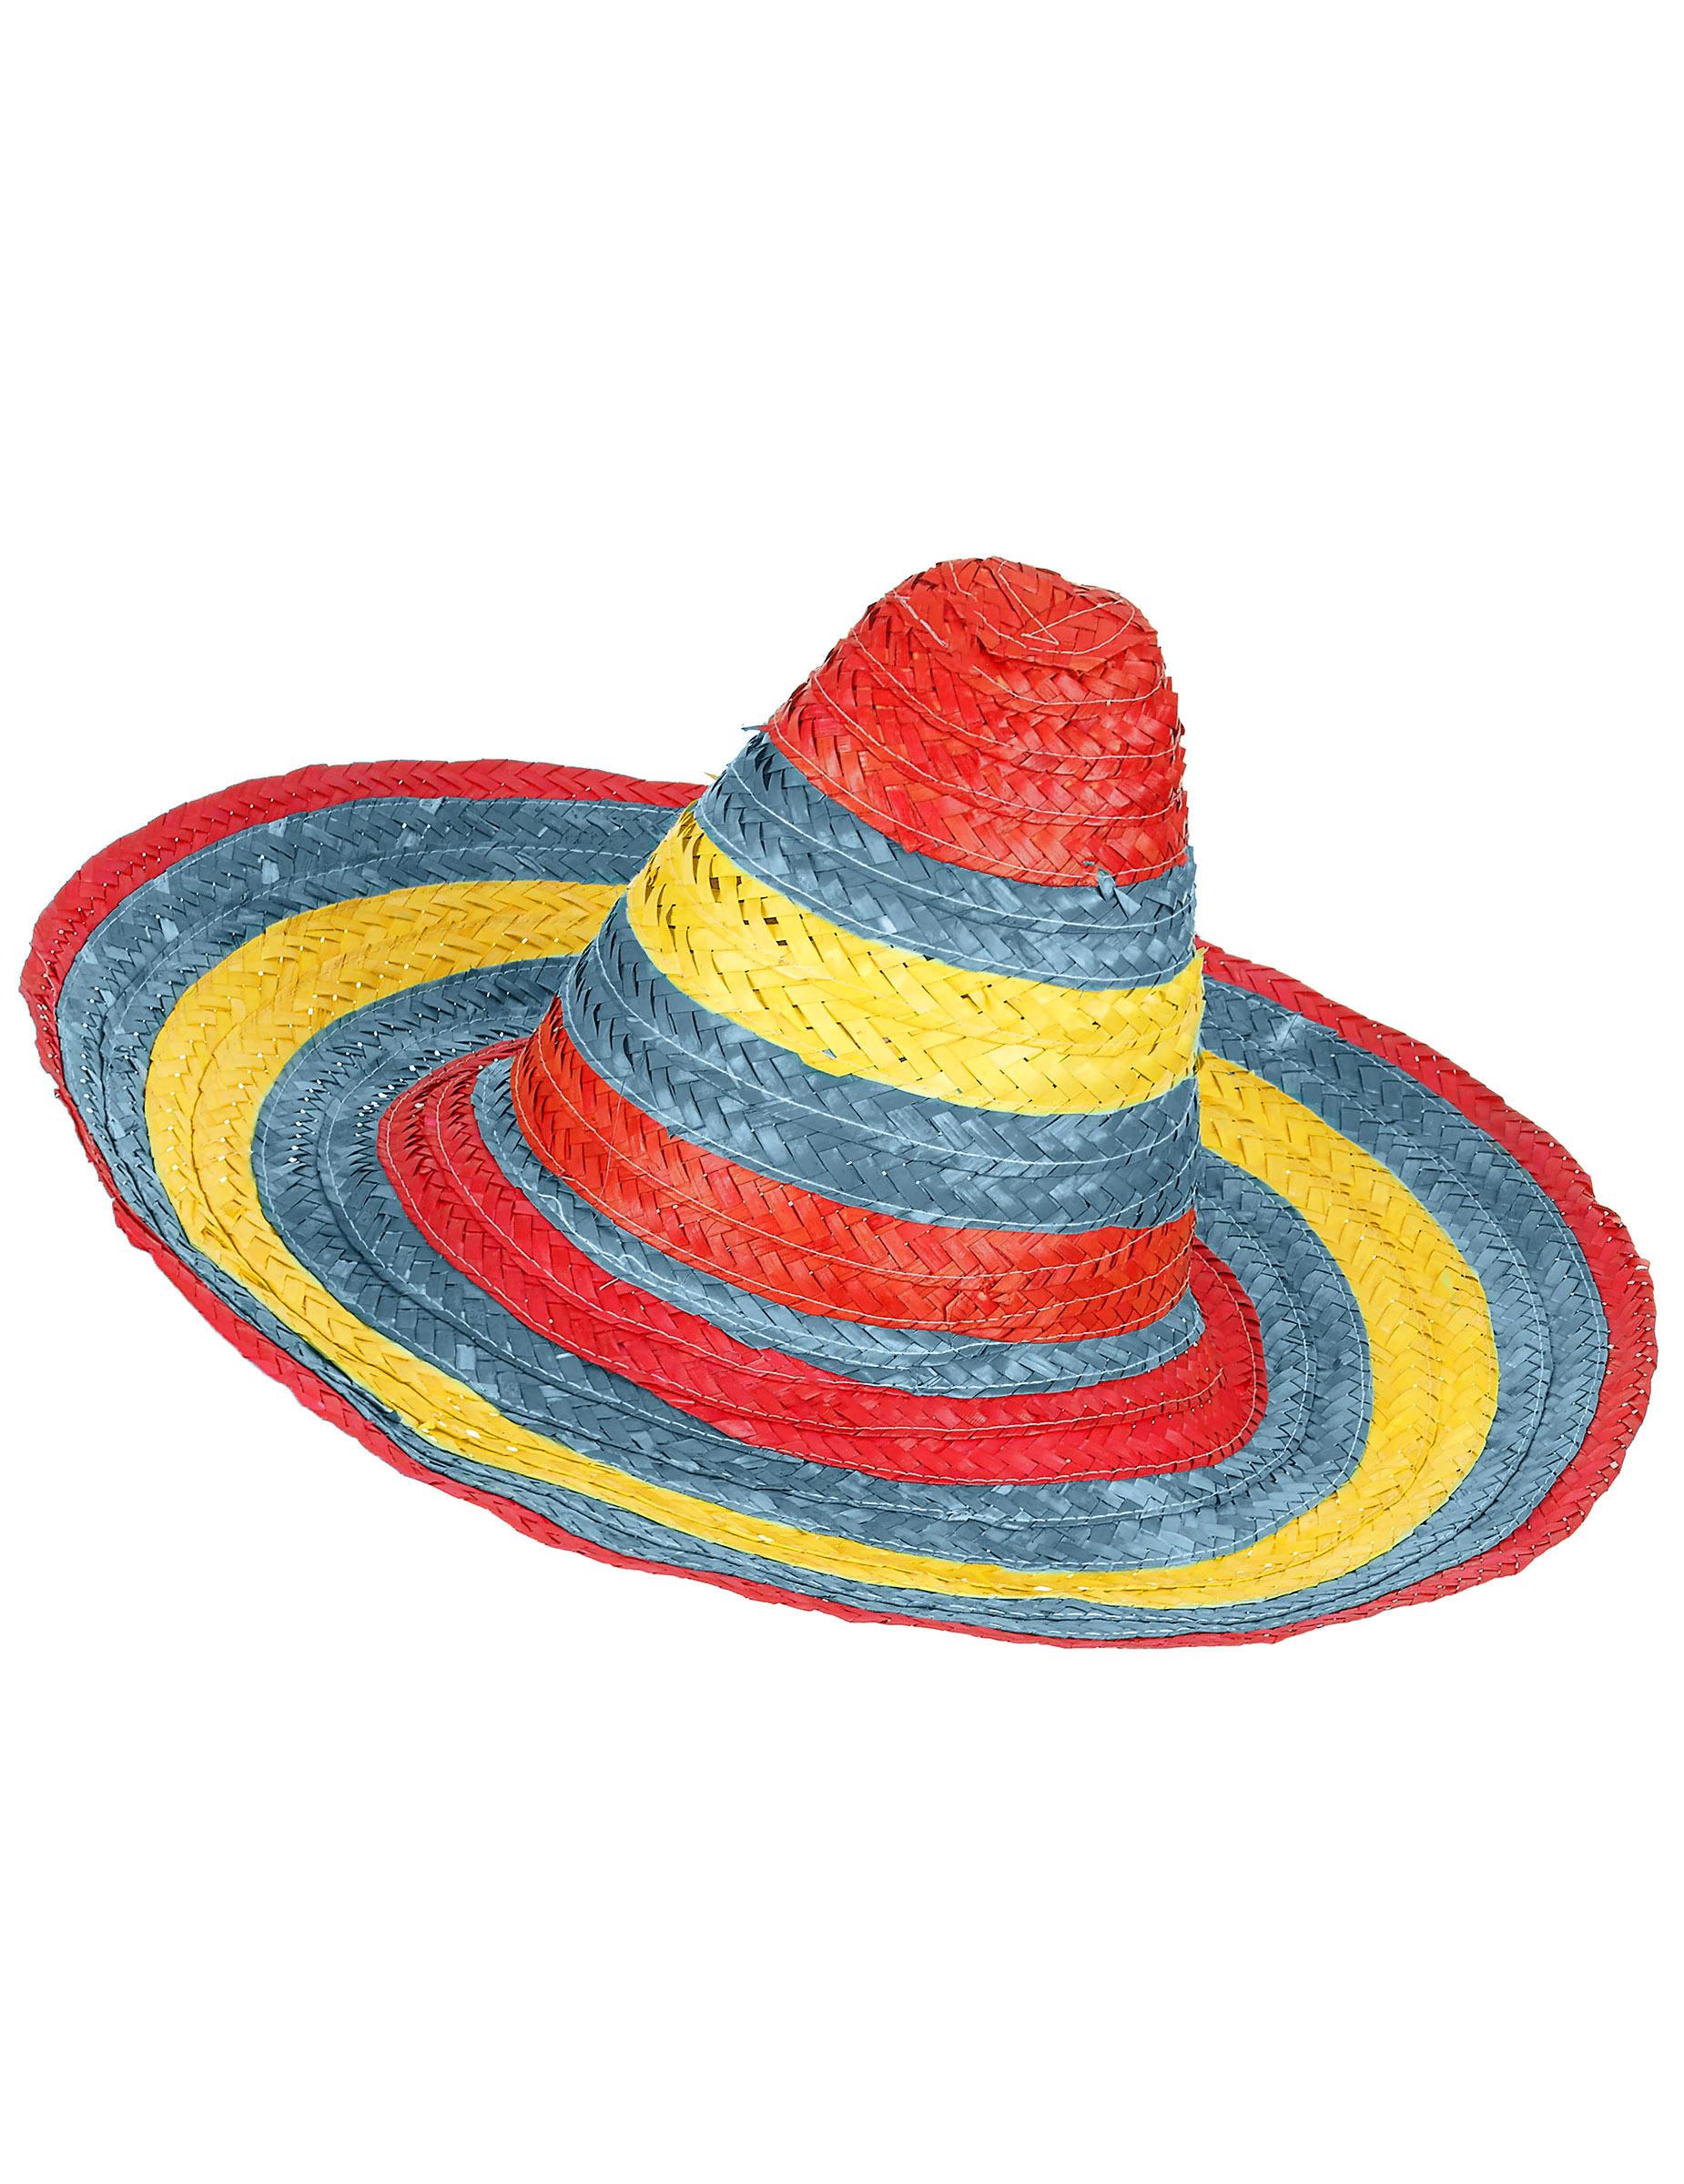 44df4a50e70dd Sombreros de paja para disfraces adultos y niños - Vegaoo.es